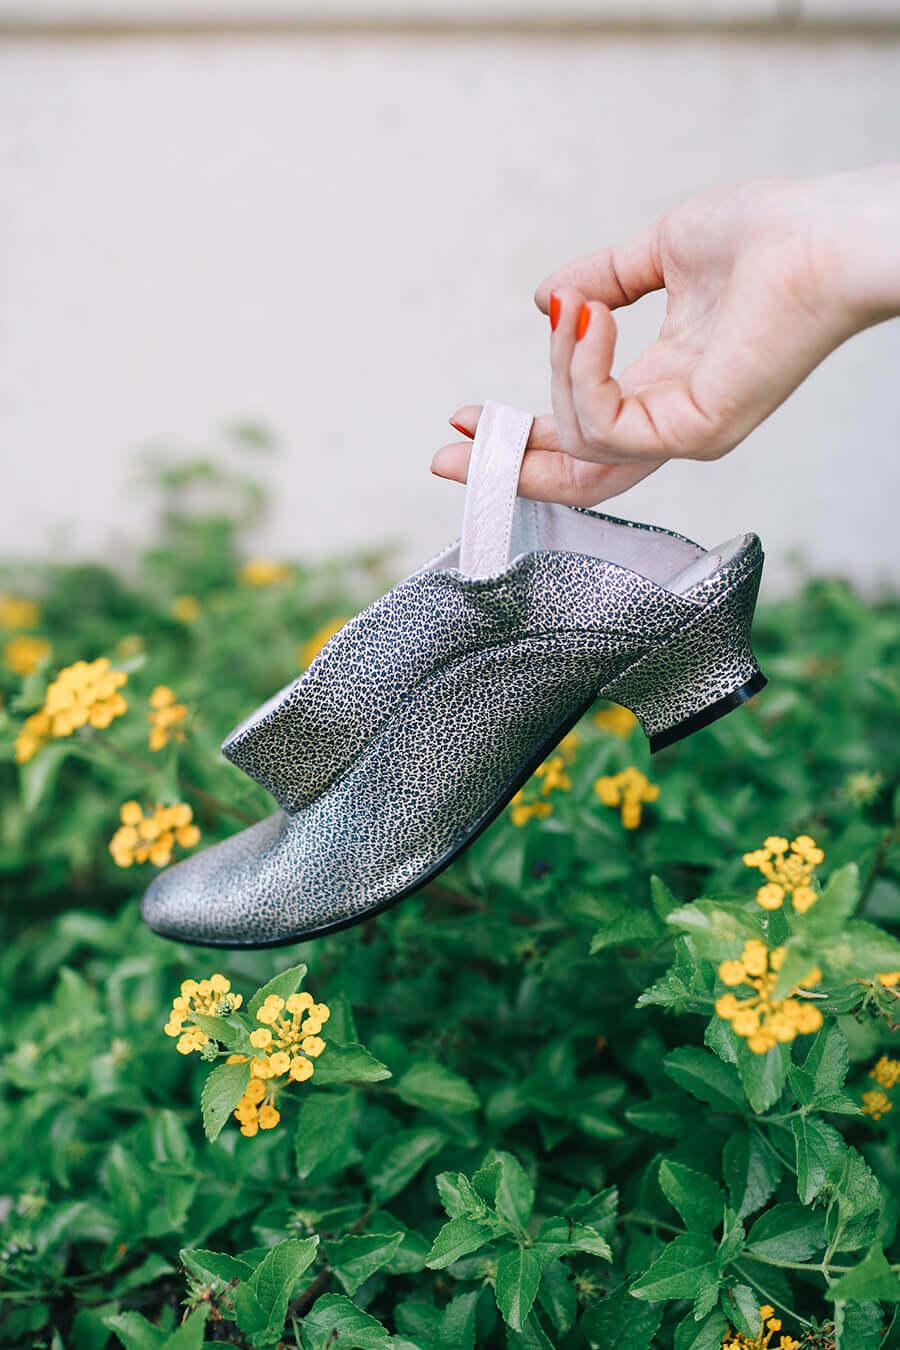 נעל כסופה של מיקה דרימר